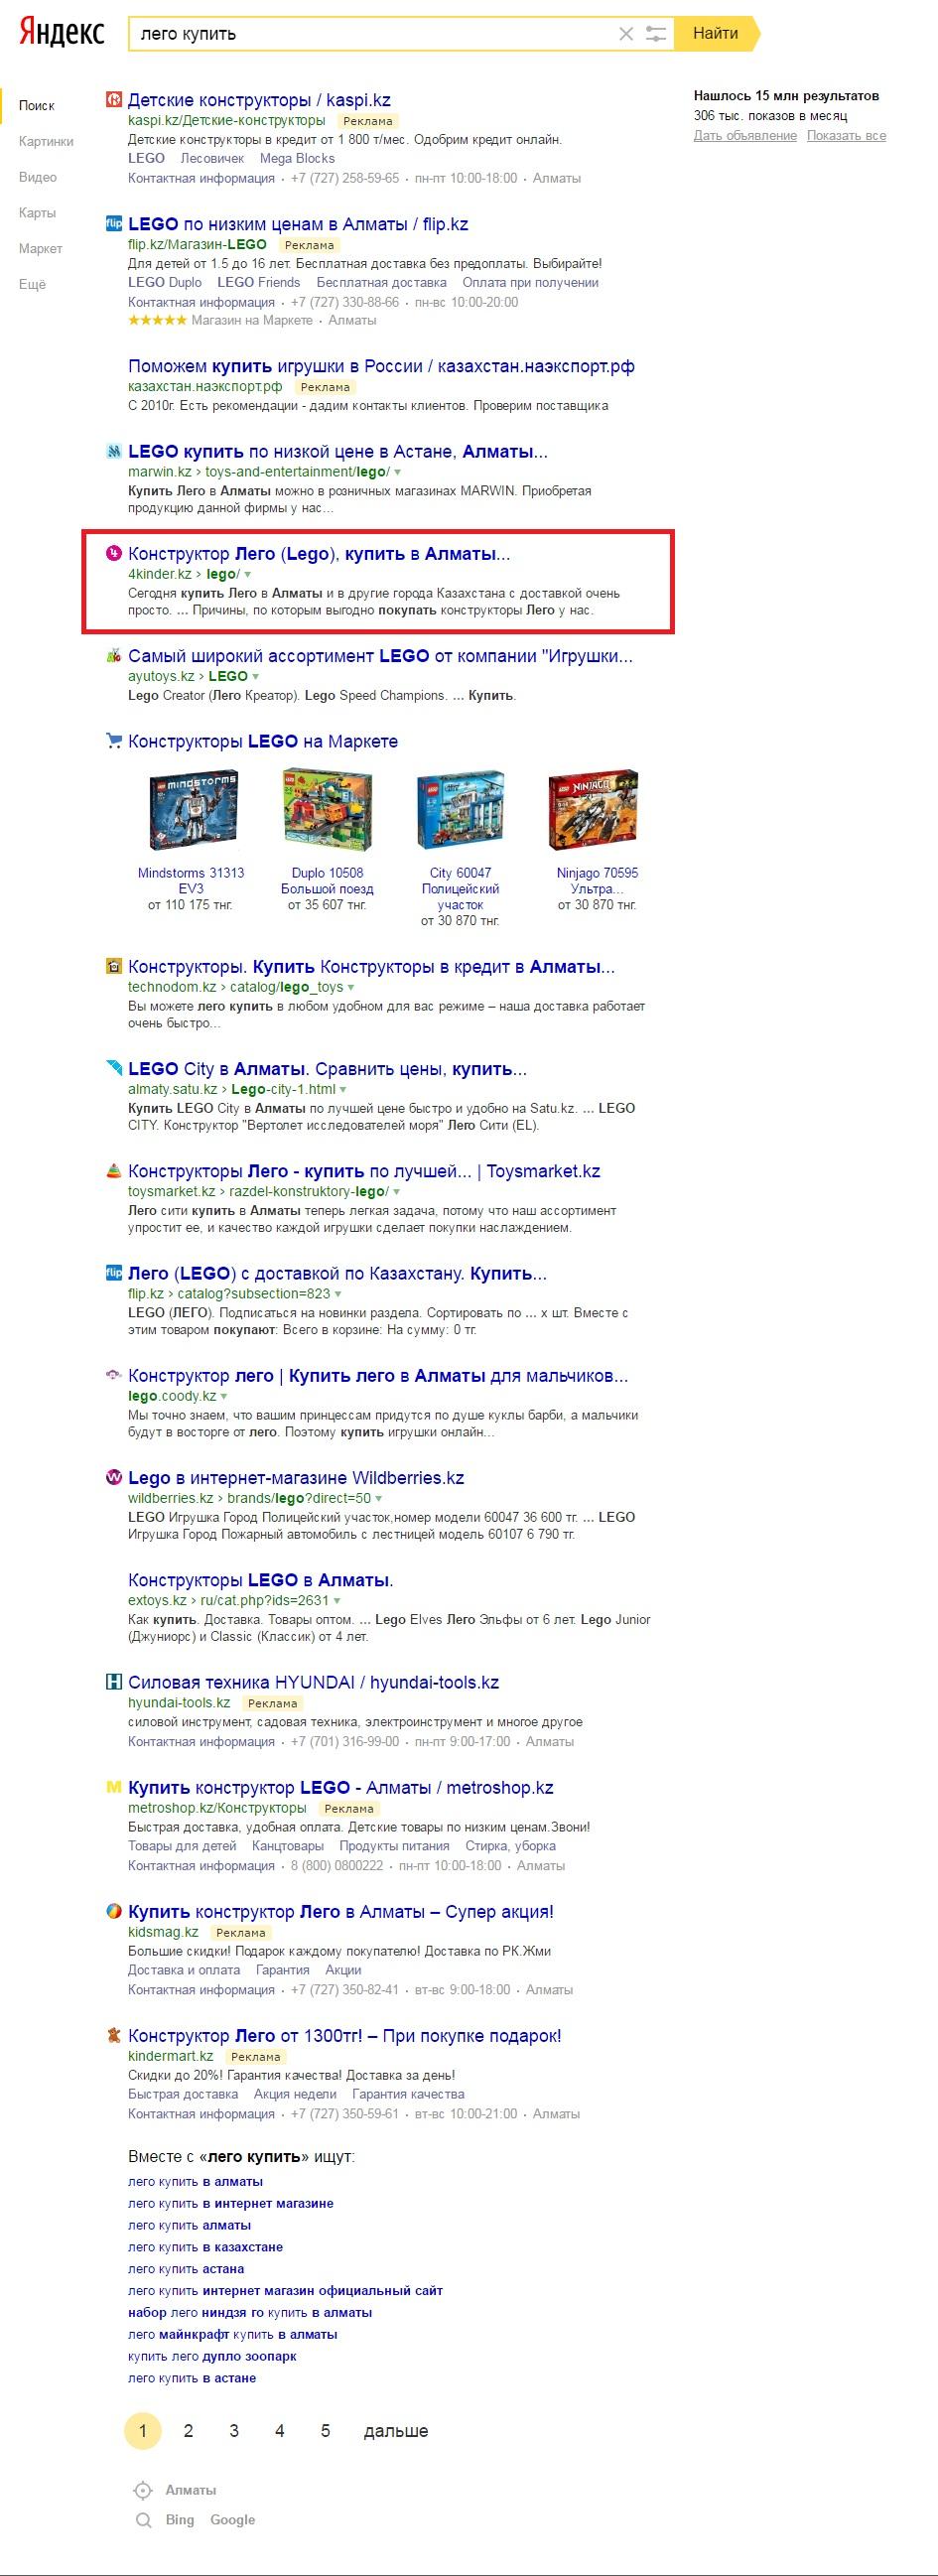 лего купить - ТОП 2 (Алматы, Казахстан) Яндекс + Google